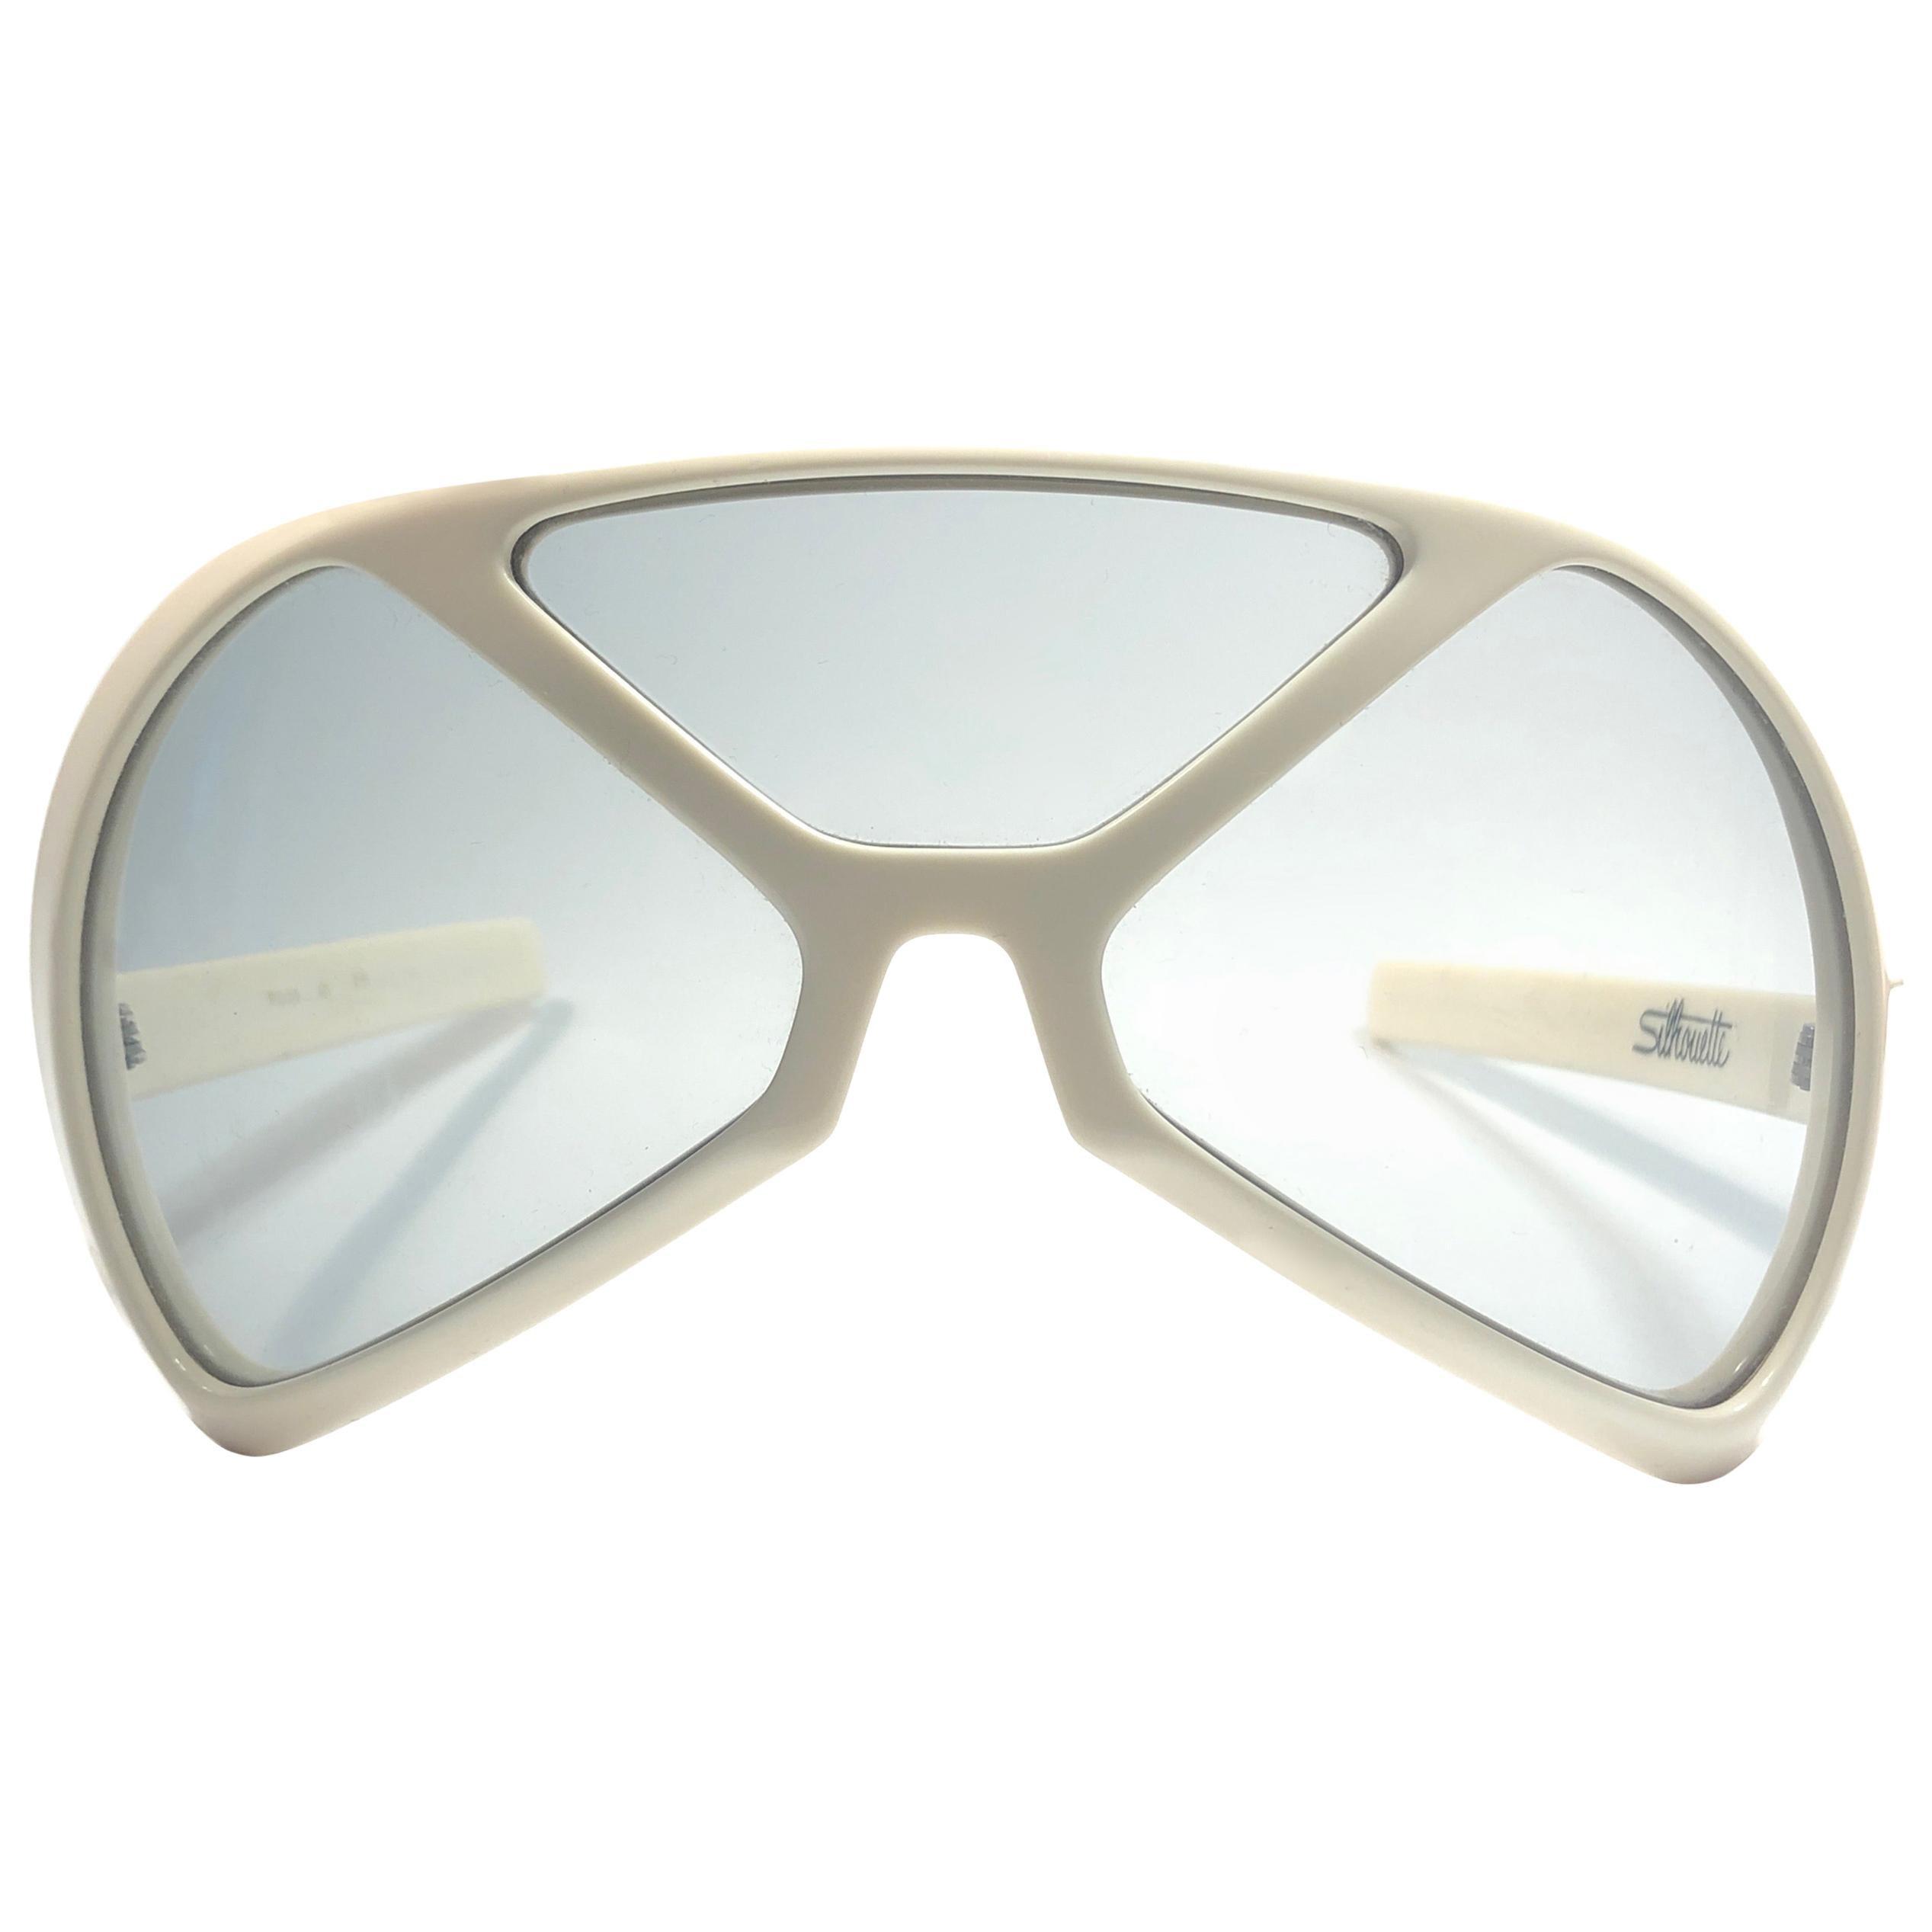 New Vintage Rare Silhouette Futura 570 White Collector Item 1970 Sunglasses